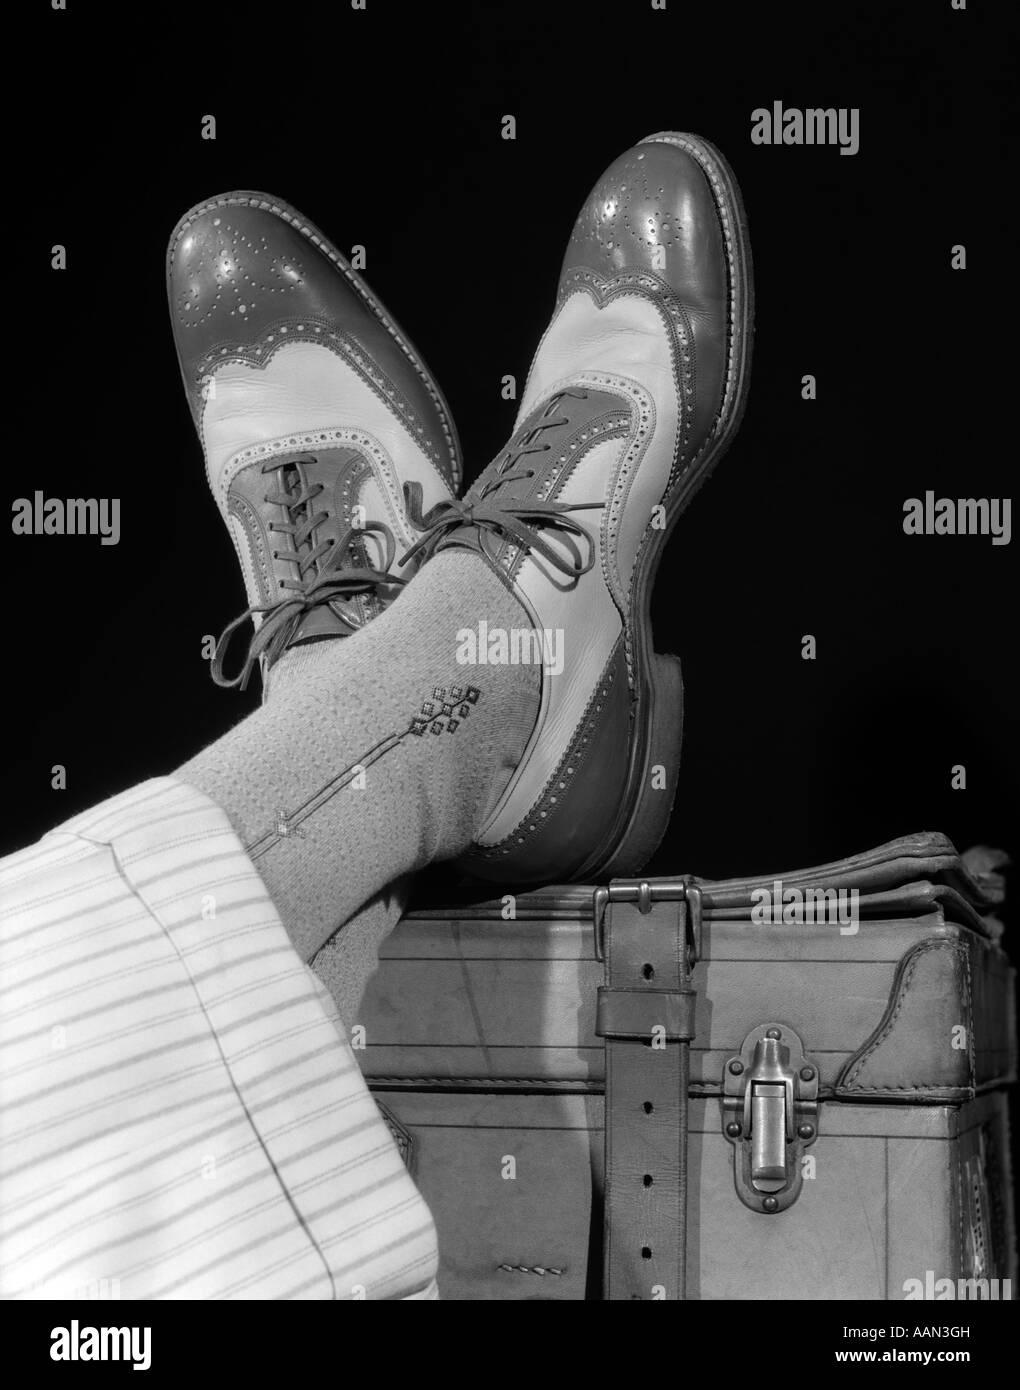 1930 1940 cruzó los pies de un hombre vestido con DOS TONOS Punta Ala espectador zapatos calcetines de seda Imagen De Stock